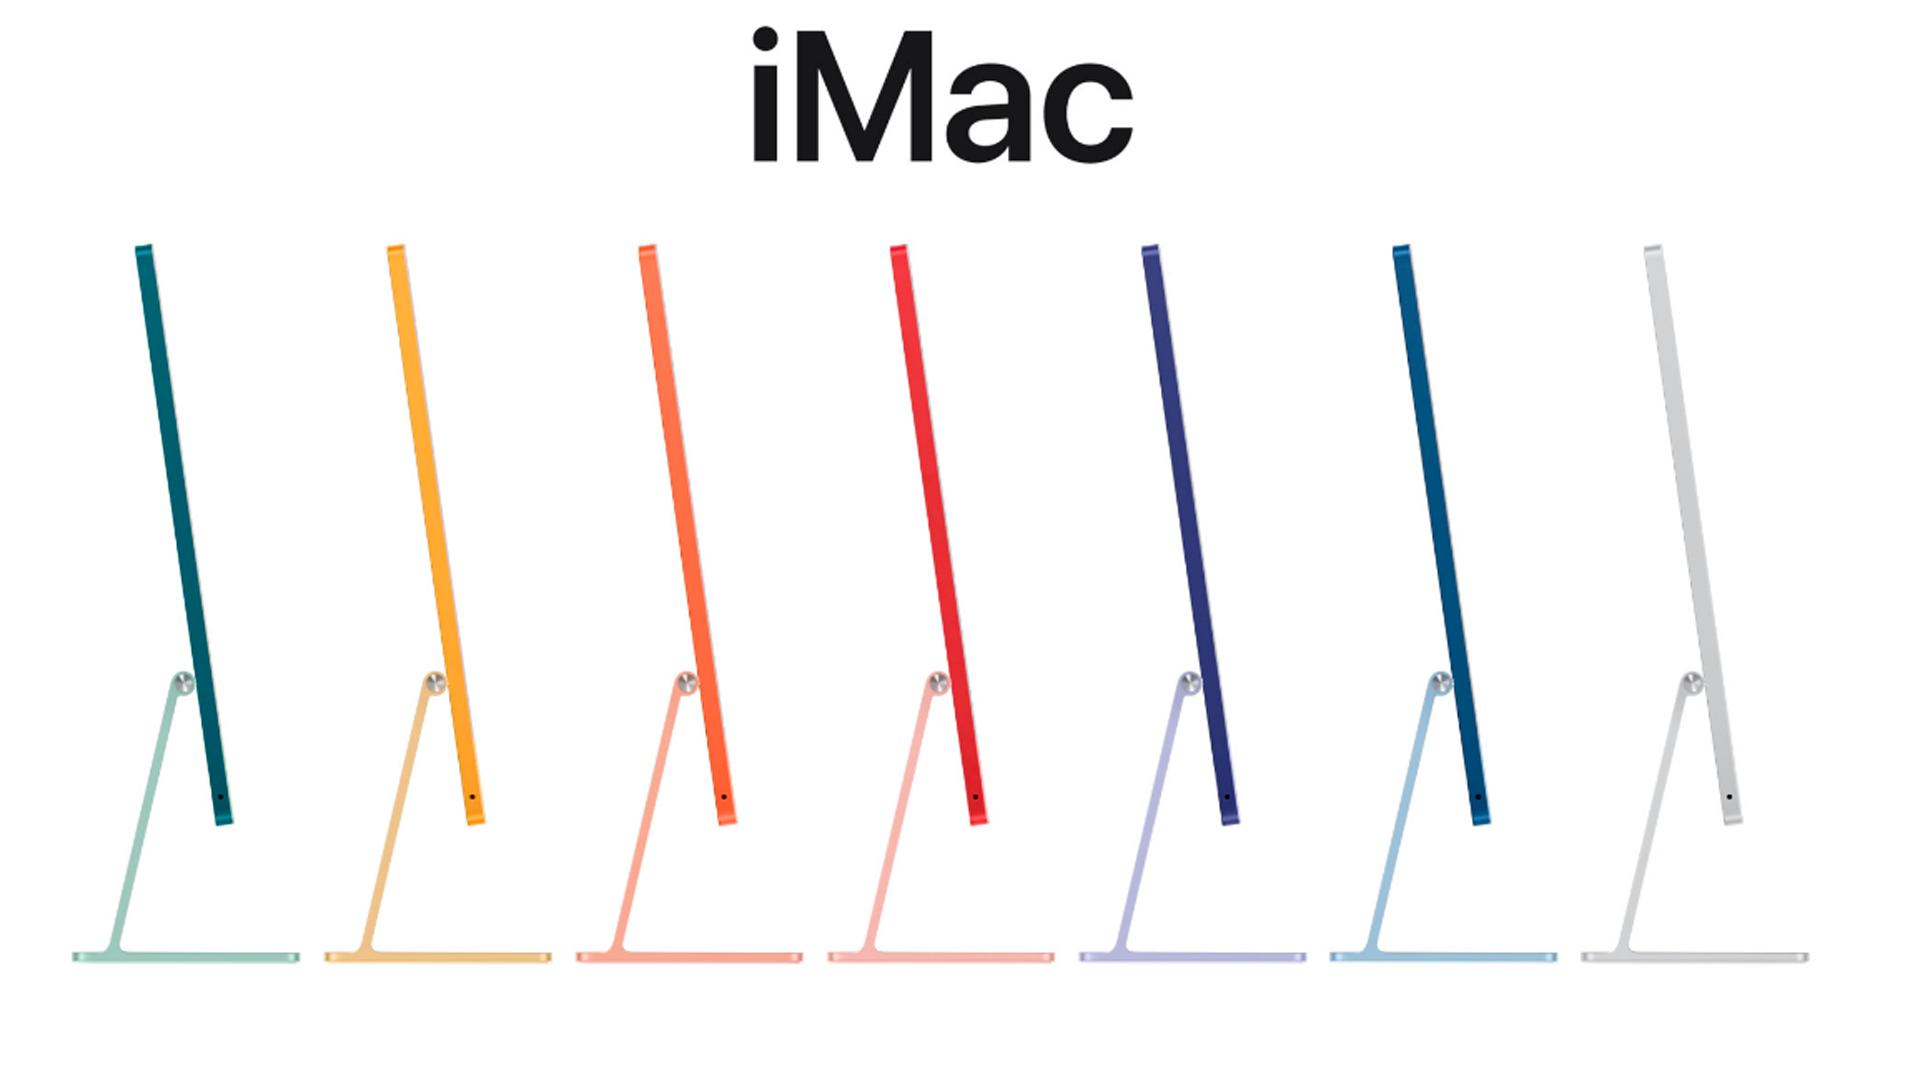 O iMac é o modelo desktop da Apple (Foto: Reprodução/Apple)